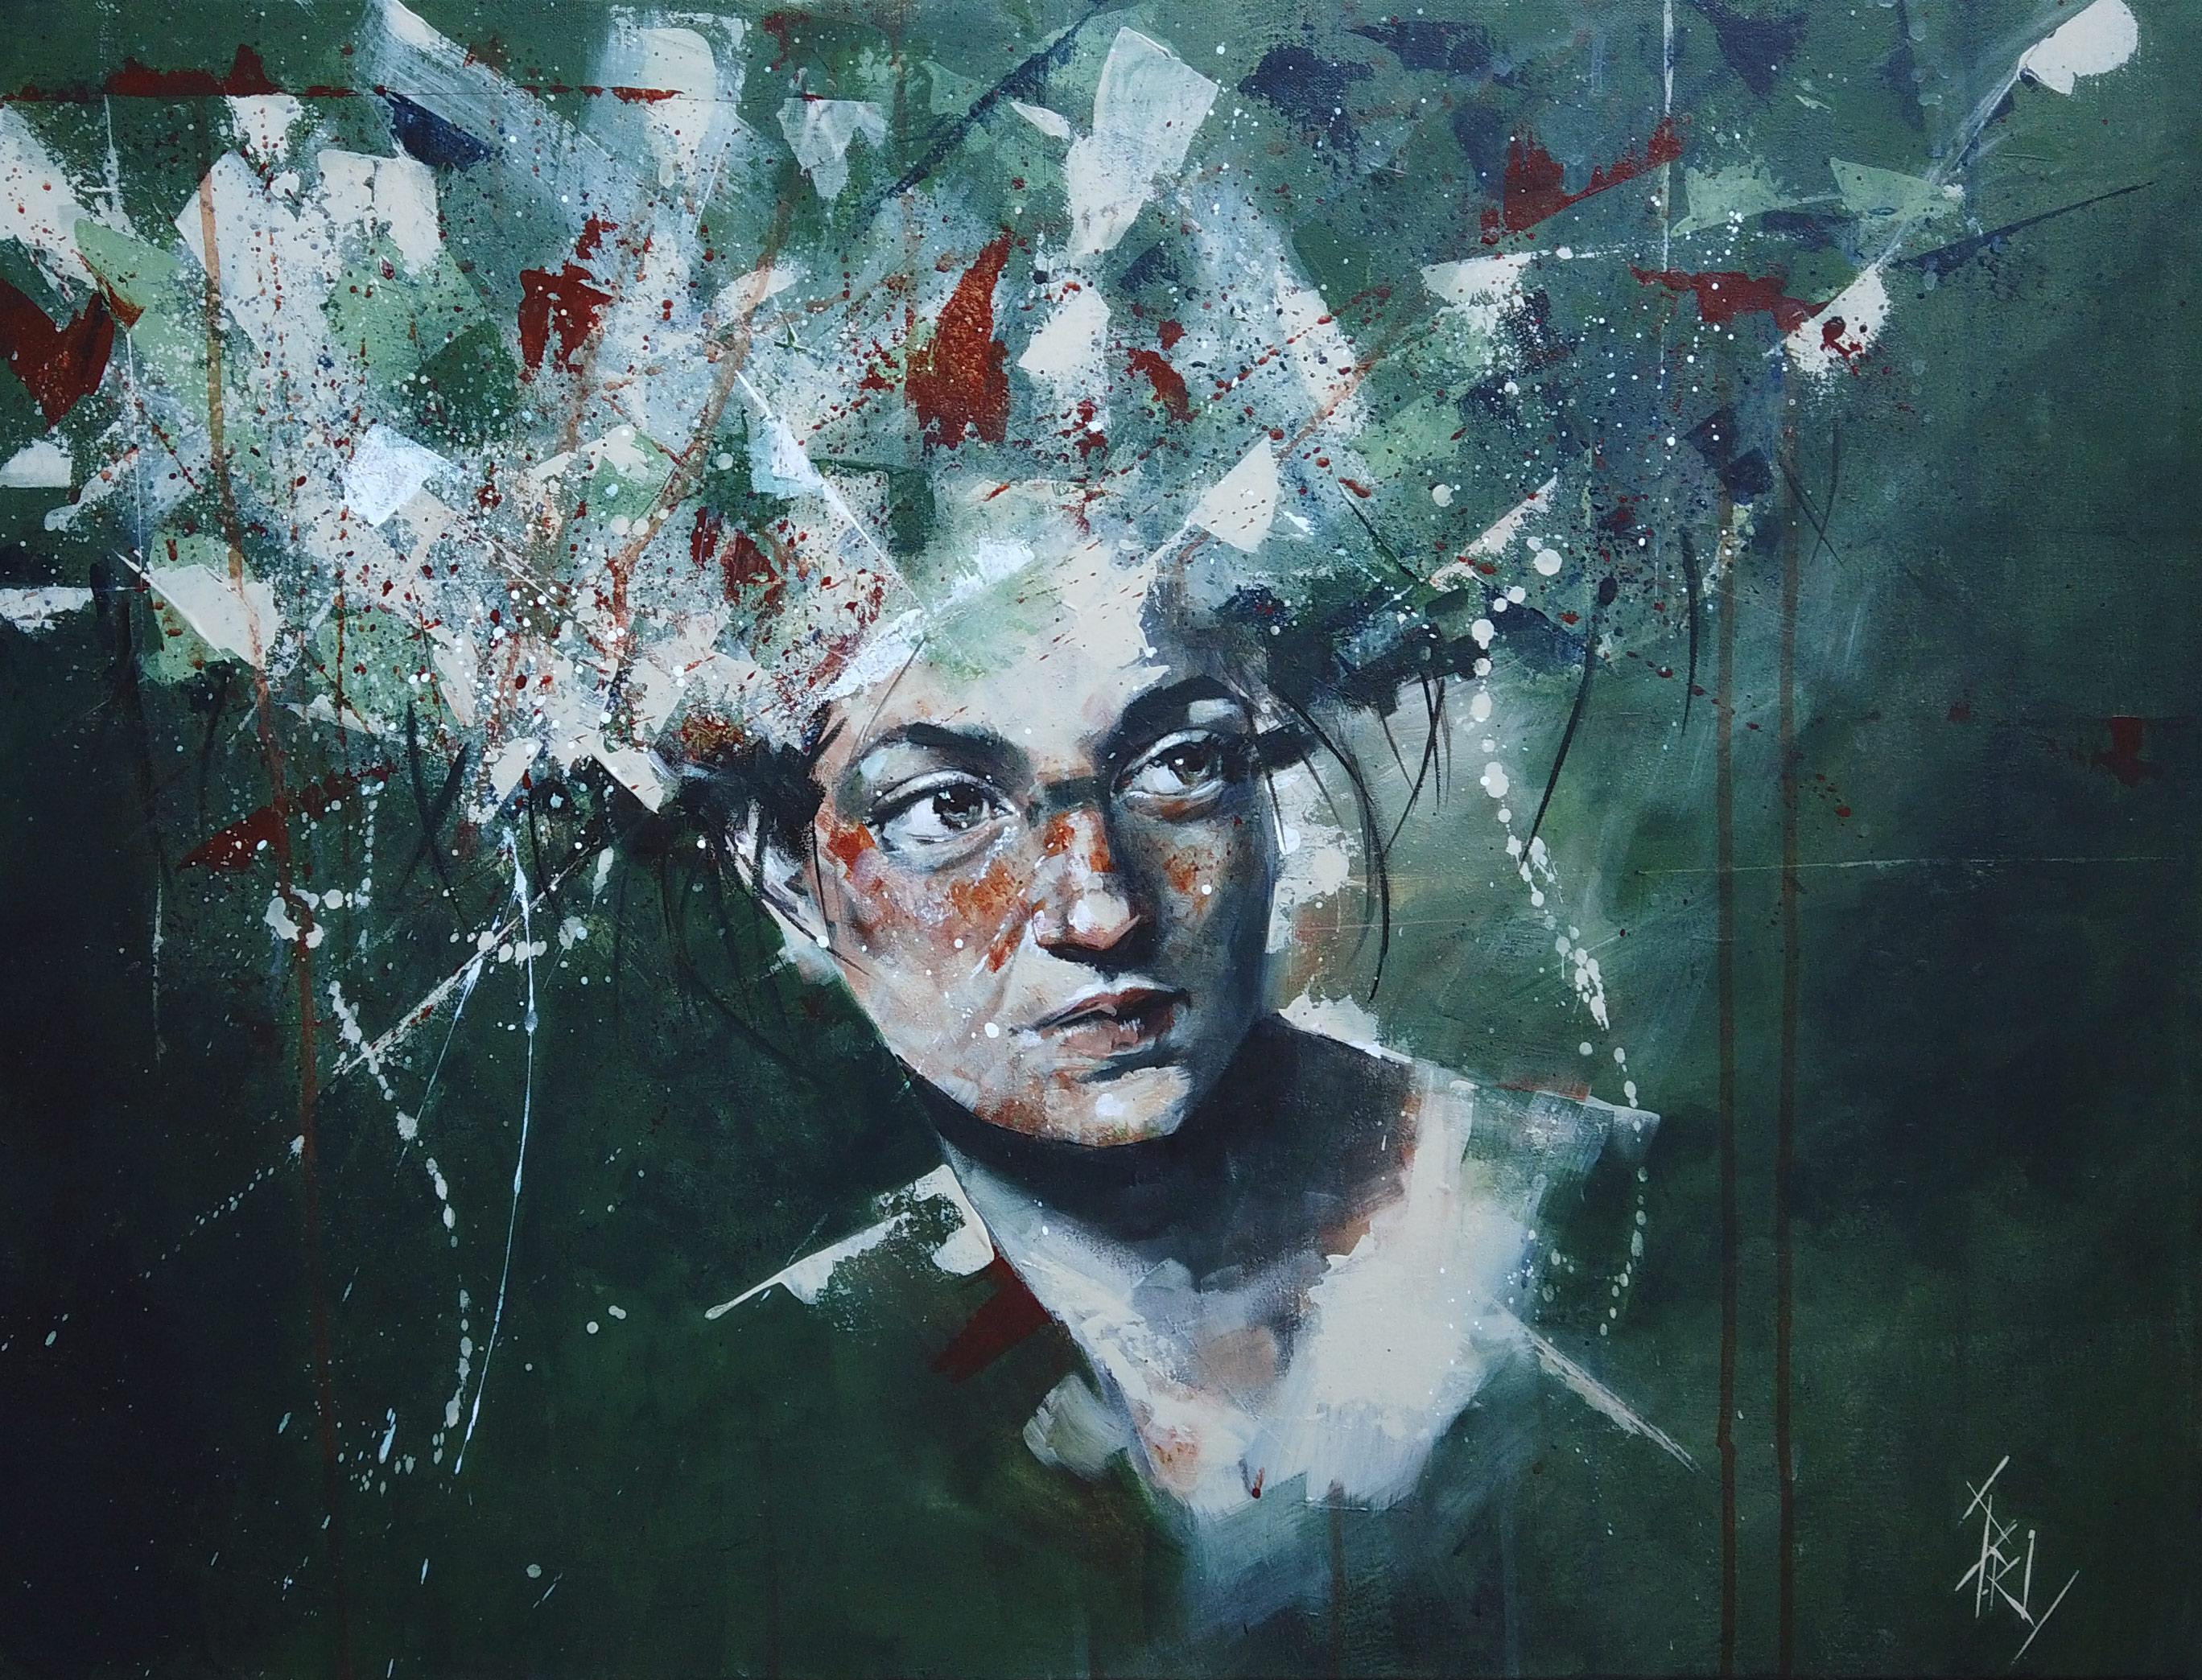 Tableau à l'acrylique peint par Priscilla Seiller, artiste peintre